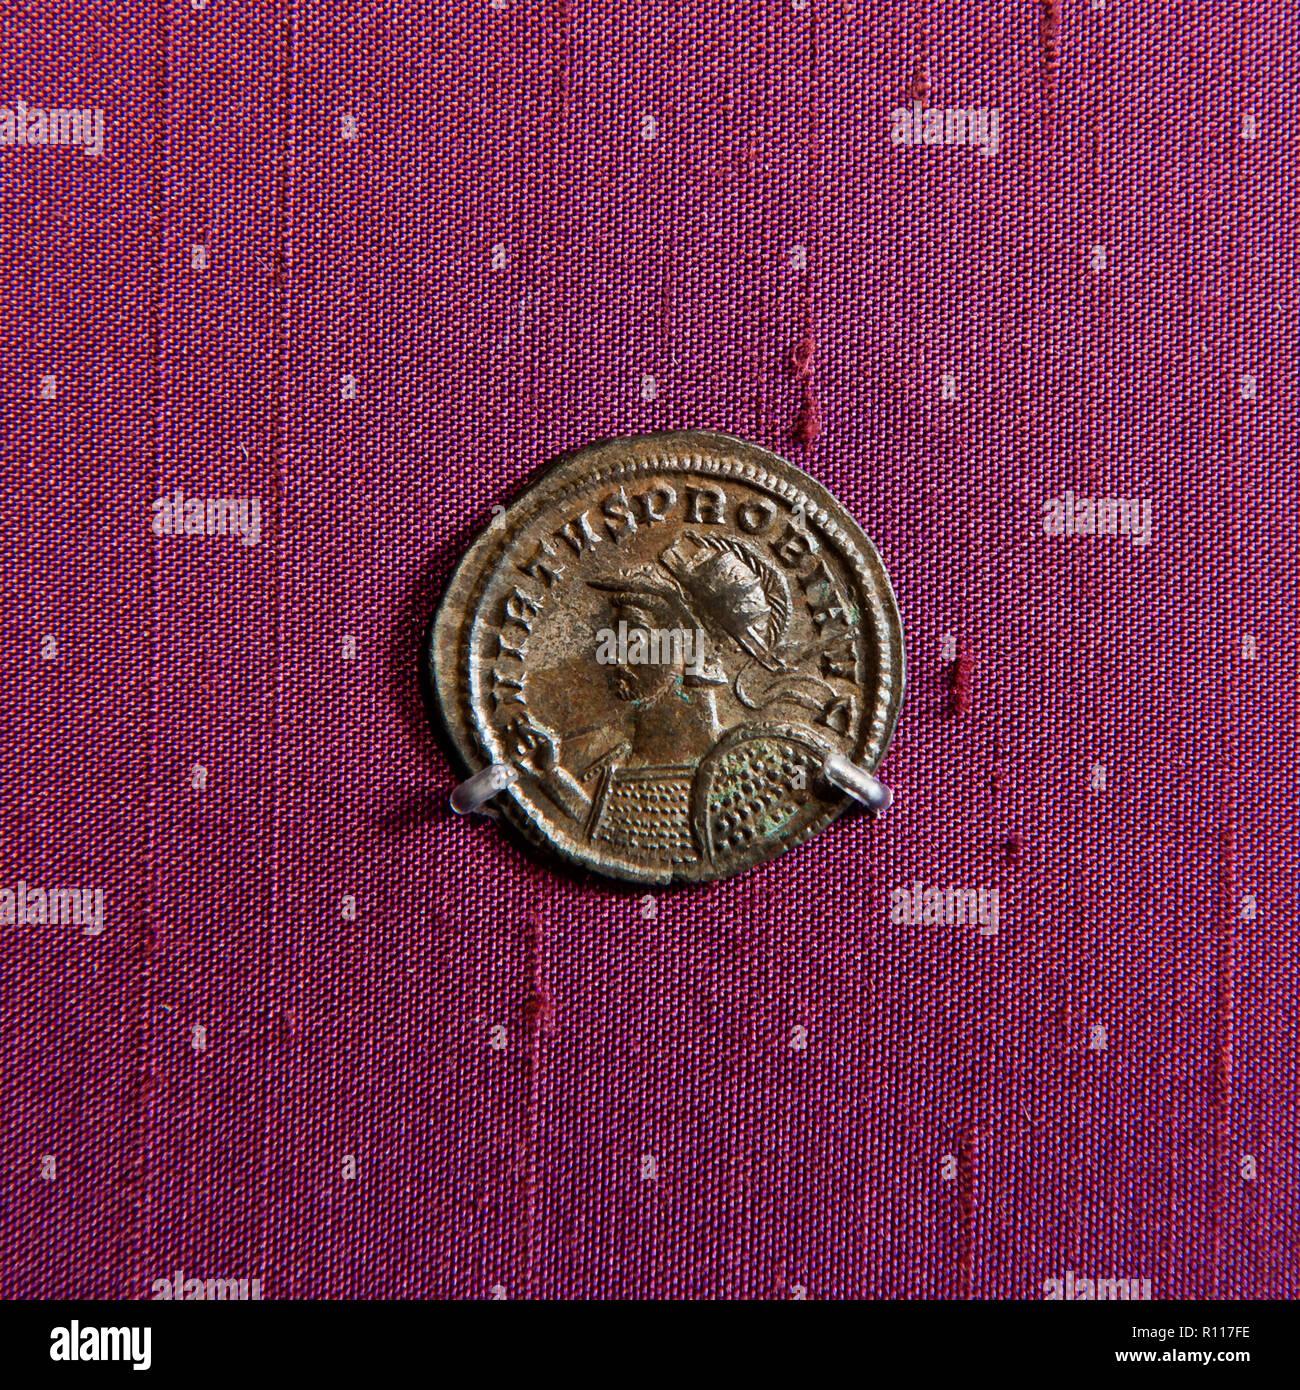 Man's Profil auf alte Münze Stockbild